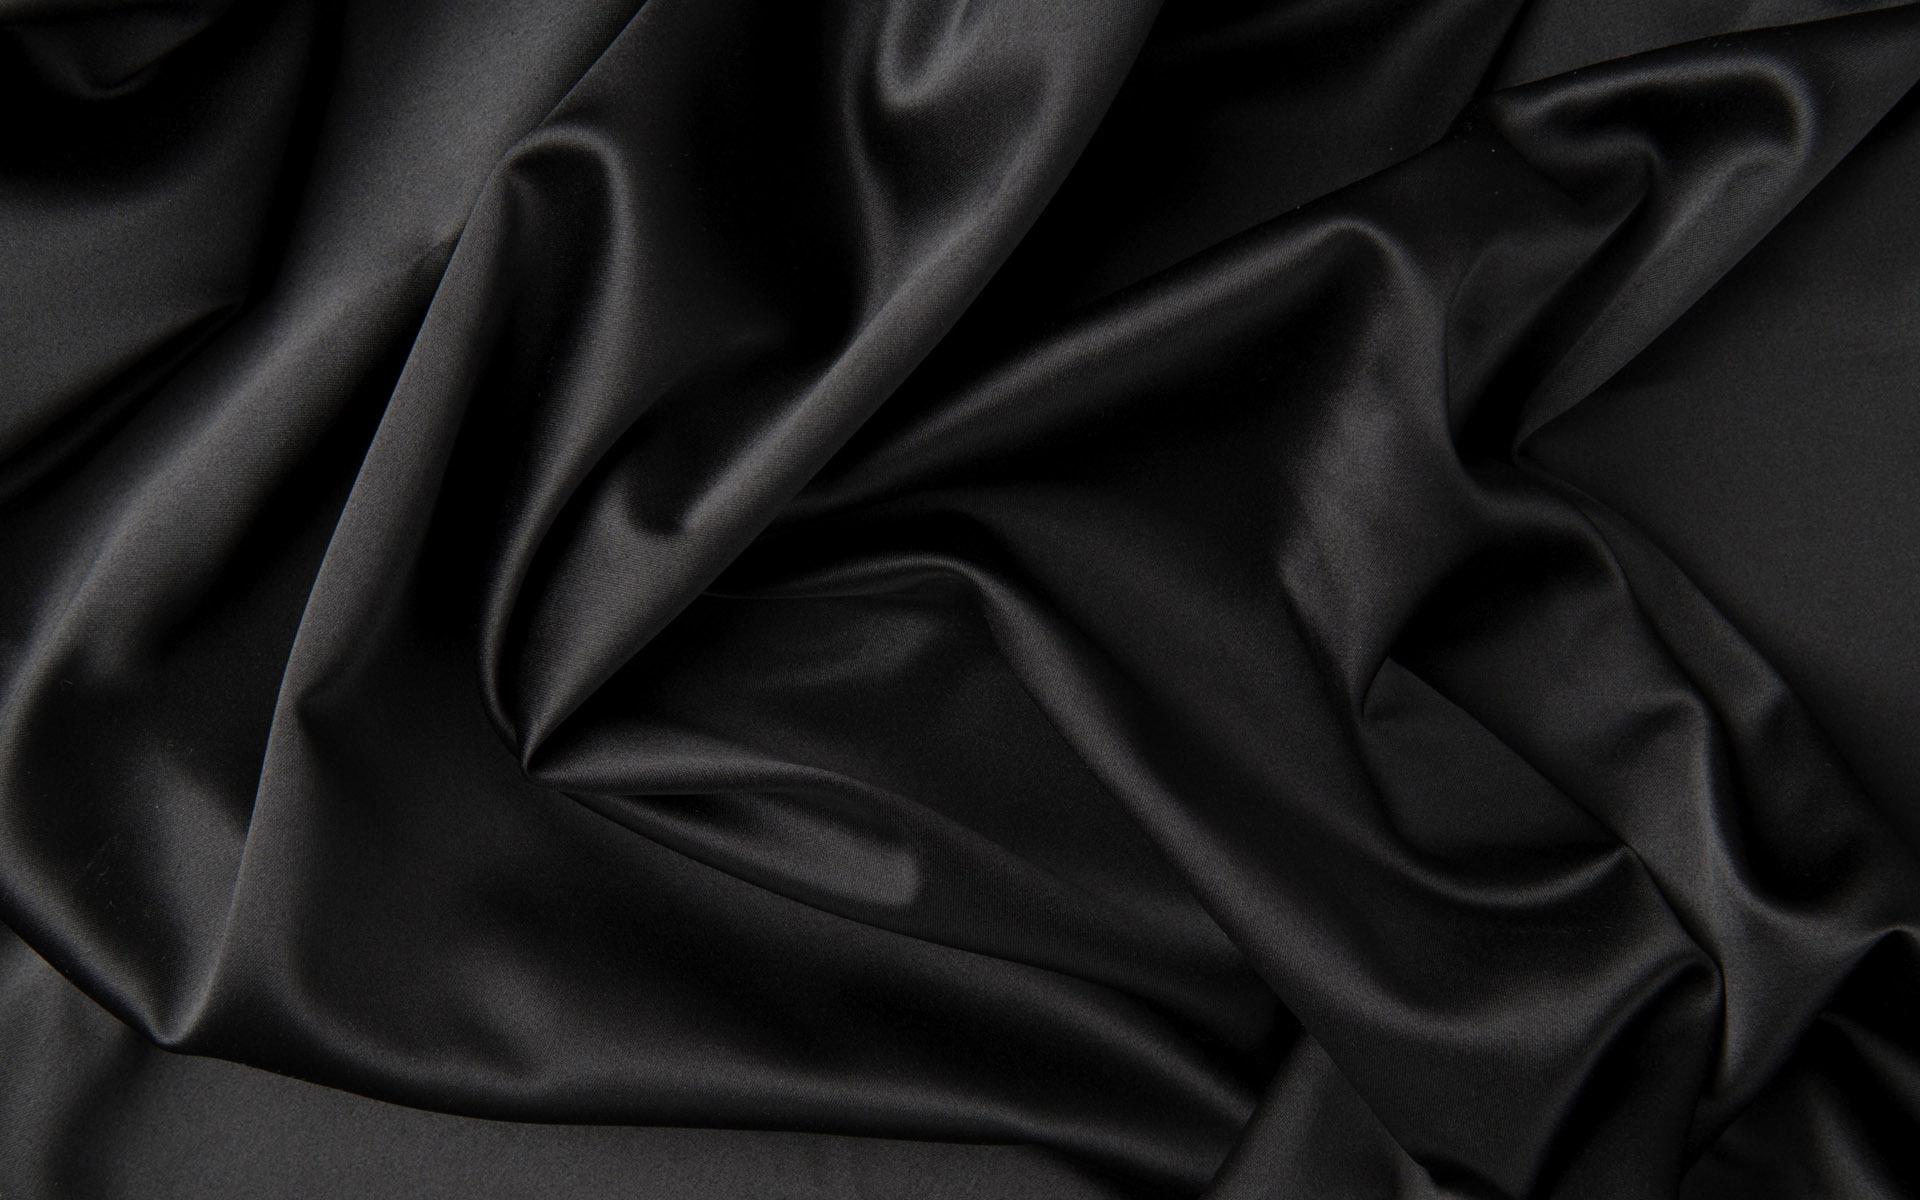 Black Silk 1920x1200 Hd Wallpaper Download Black And Whitye